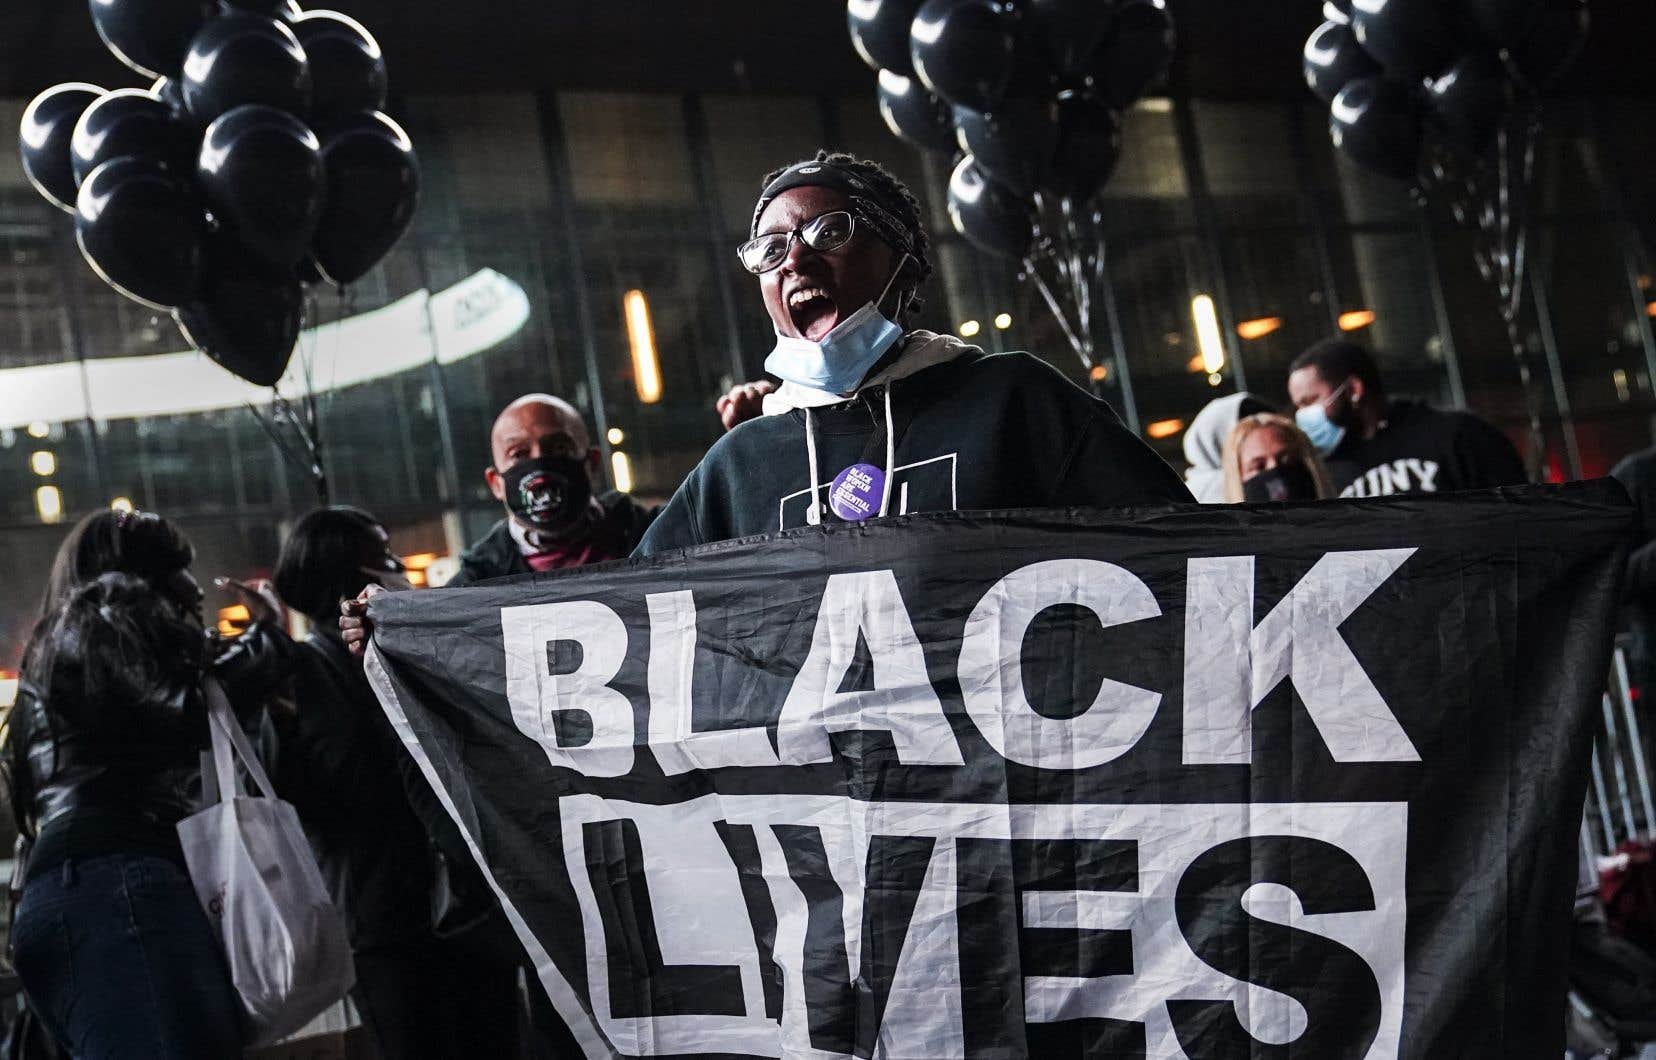 Malgré l'application d'un cadre législatif dans les années 1960 afin de condamner le racisme, l'État américain a définitivement échoué à enrayer l'inégalité entre la population afro-américaine et la population blanche, croit l'auteur.